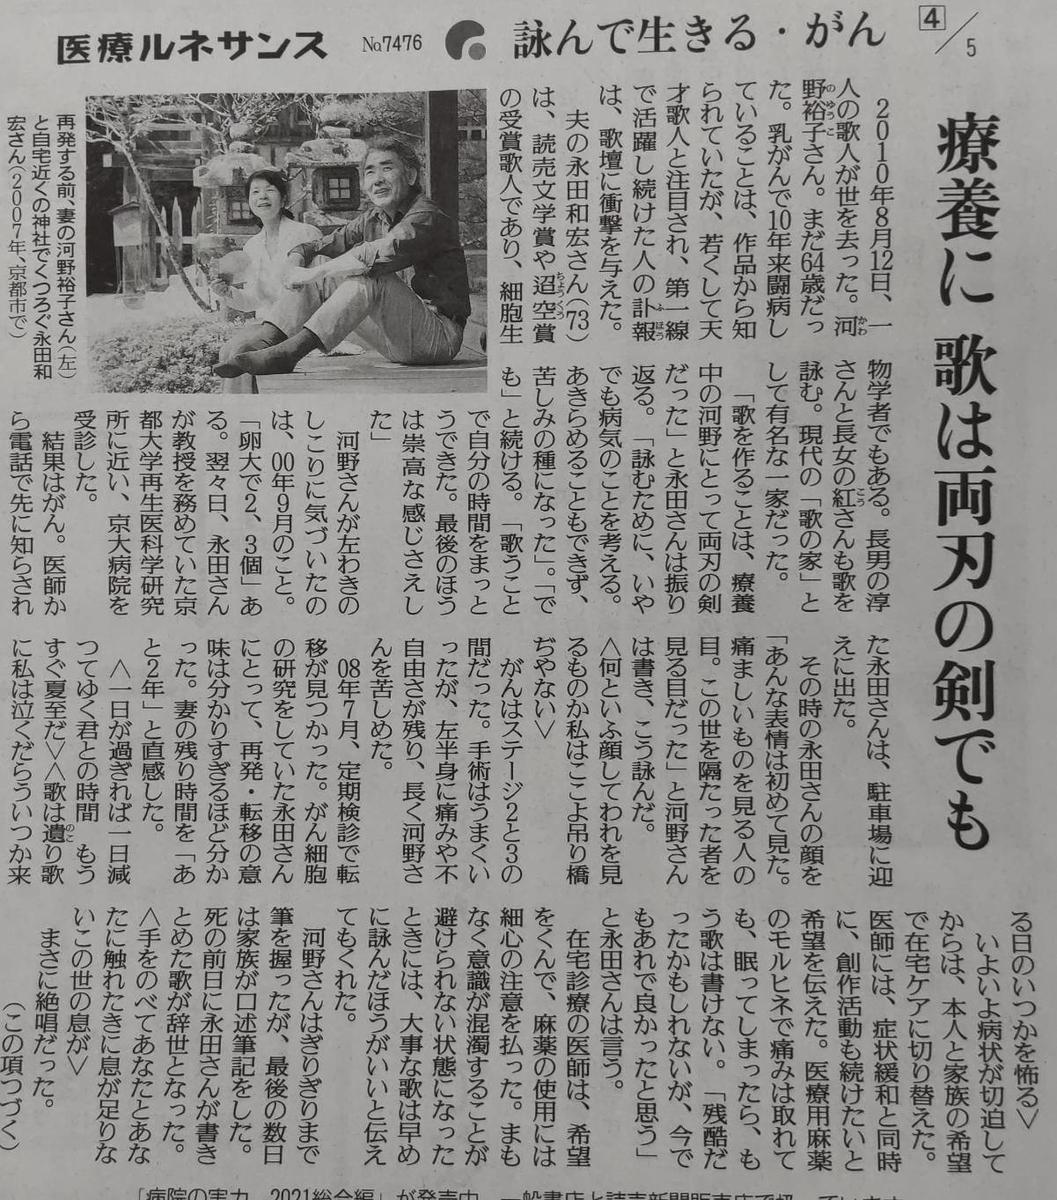 f:id:kazura-kobayashi:20210319180704j:plain